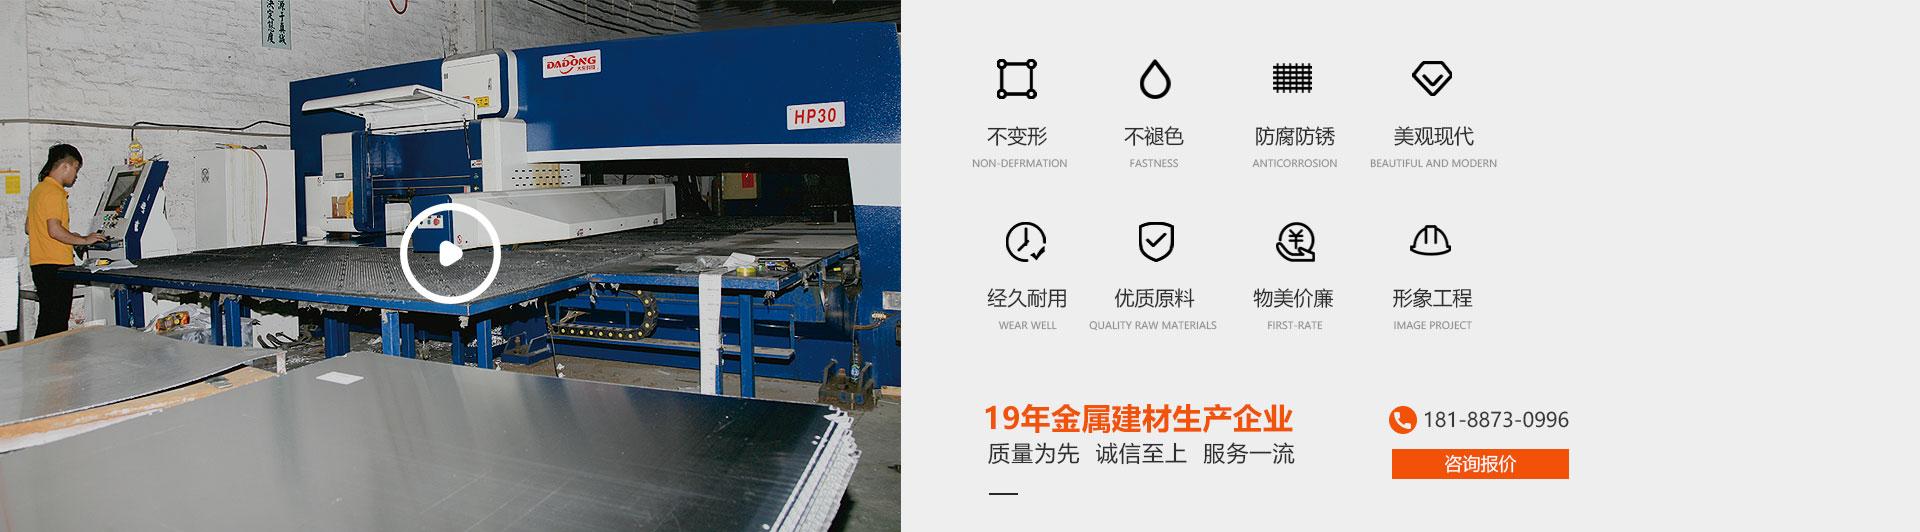 19年金属建材生产企业质量为先  诚信至上  服务一流 181-8873-0996 咨询报价